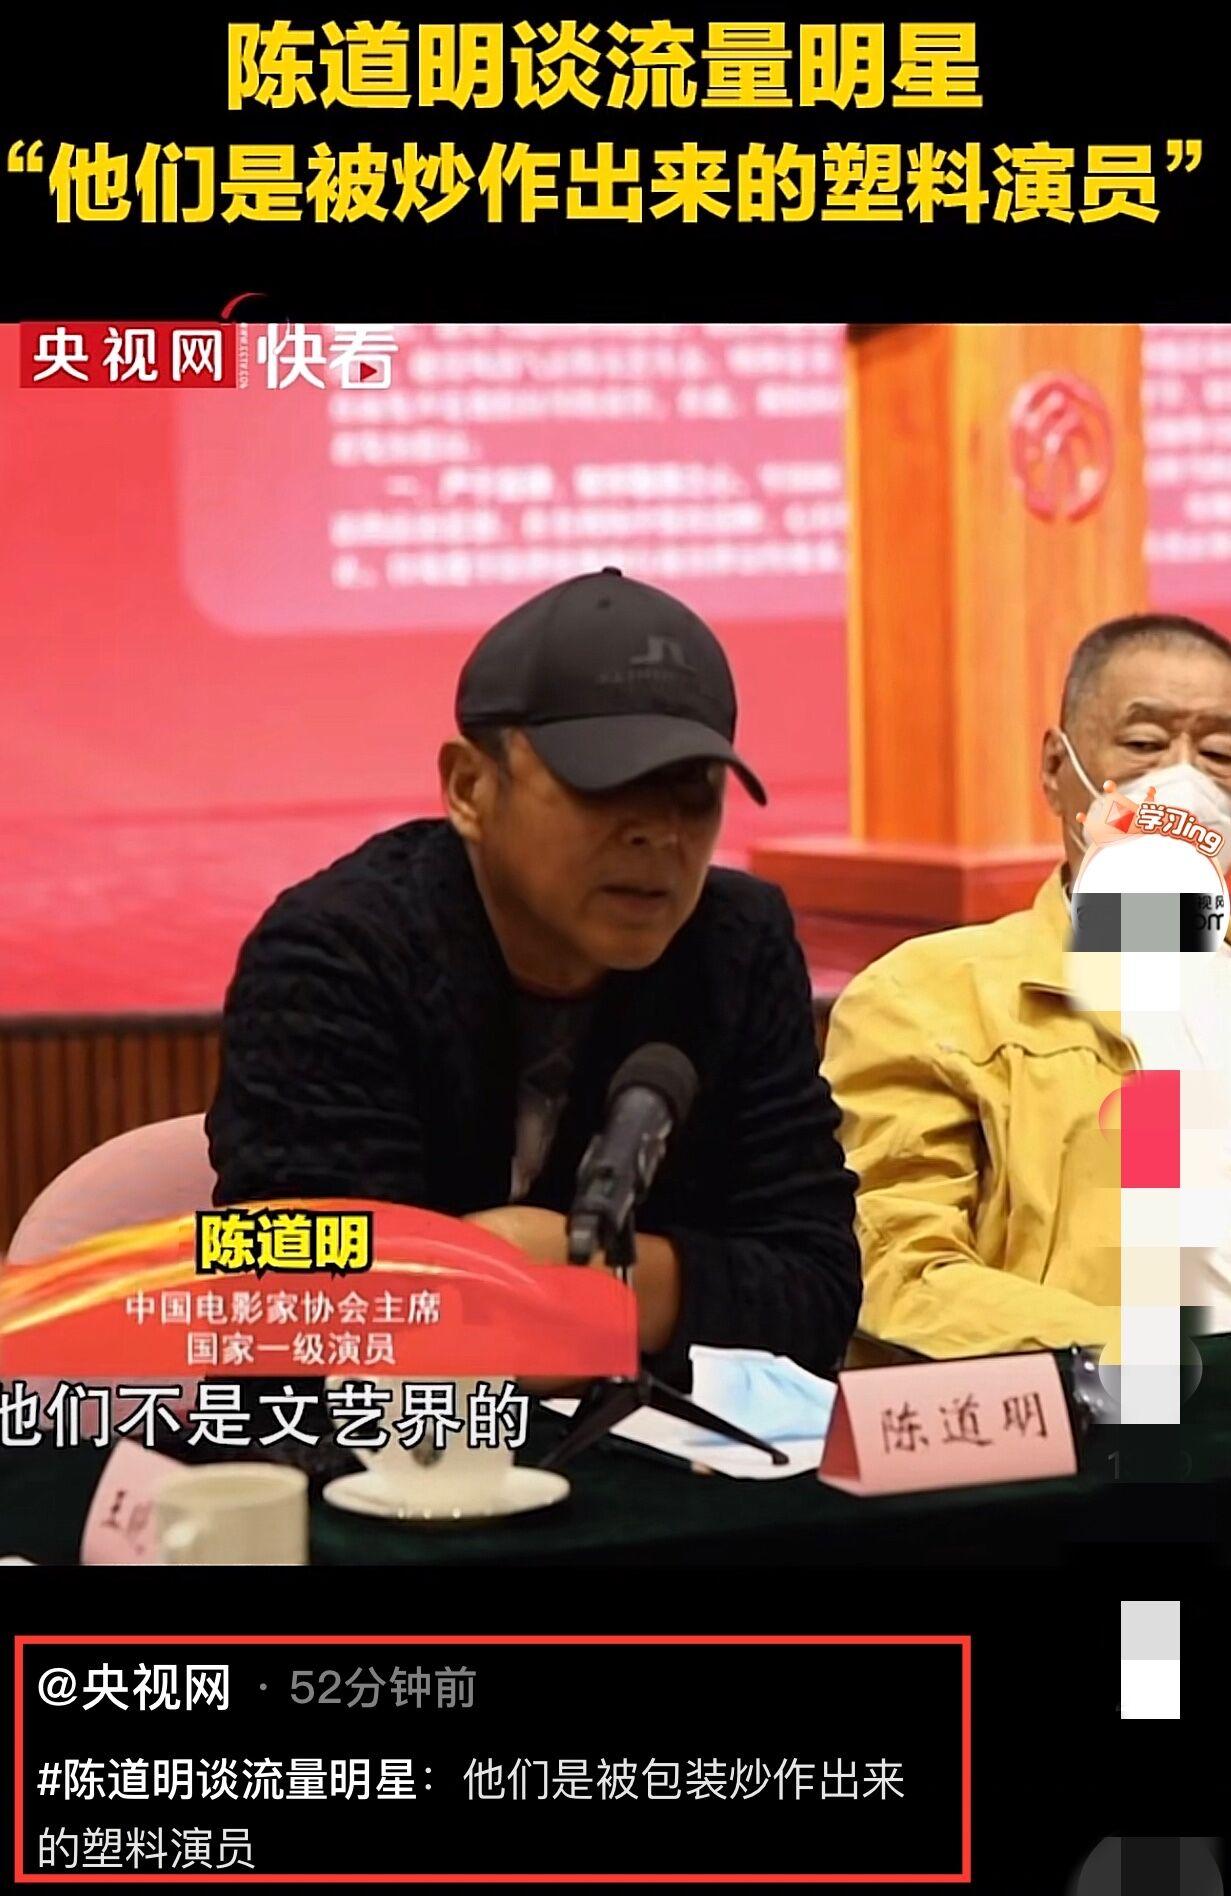 66岁陈道明谈流量艺人:是被炒作的塑料演员,严重摧毁文艺界风气